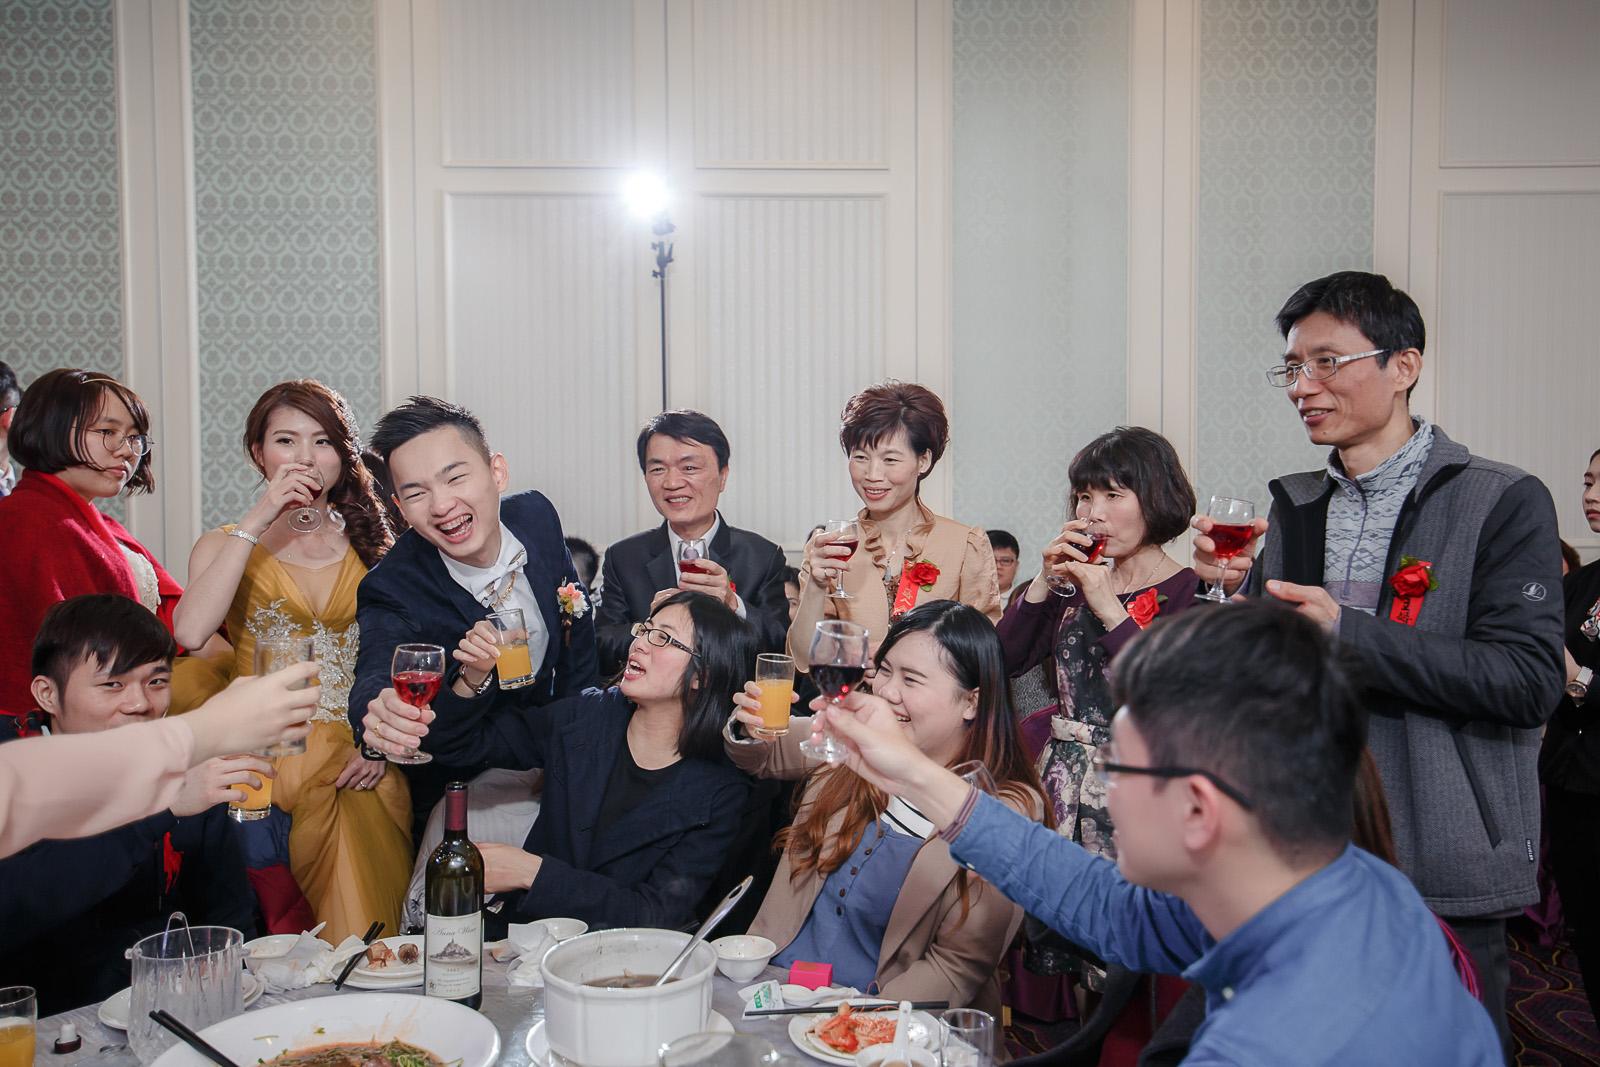 高雄圓山飯店,婚禮攝影,婚攝,高雄婚攝,優質婚攝推薦,Jen&Ethan-312